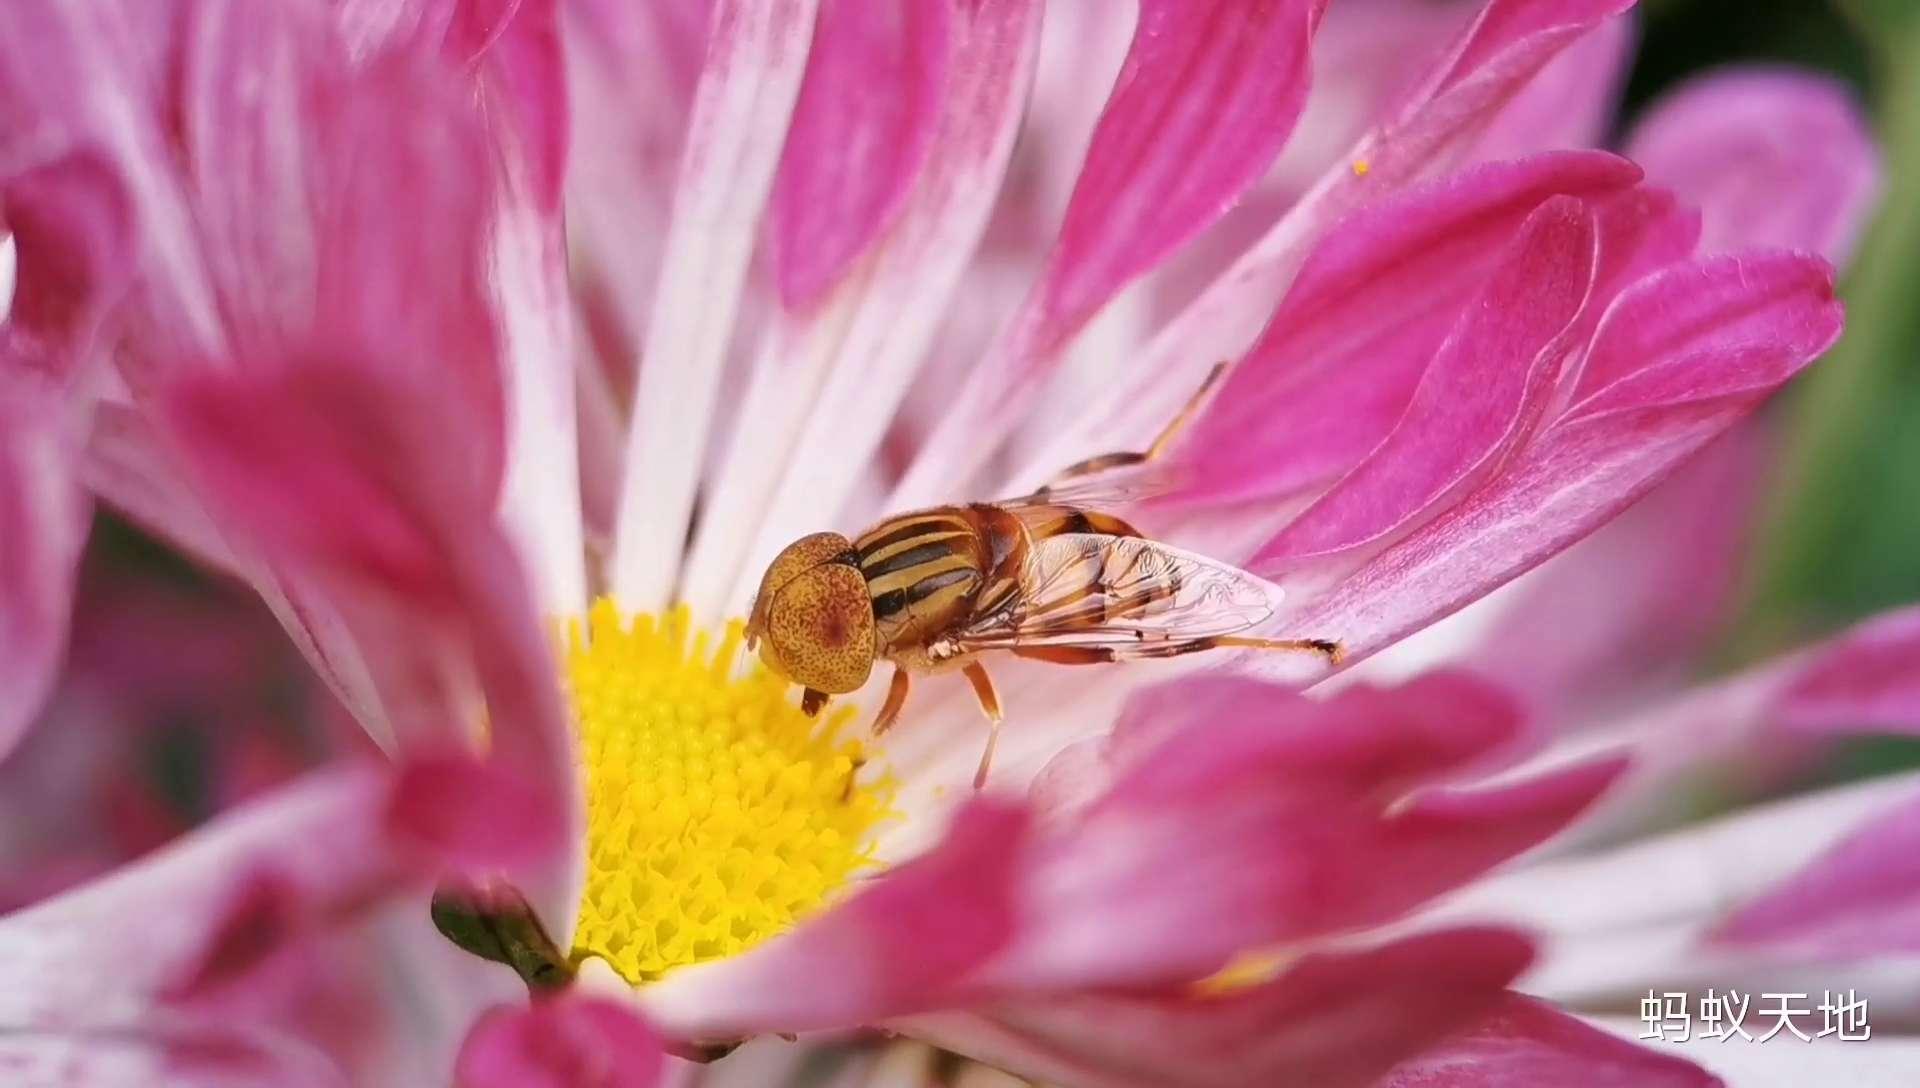 花花世界里的小昆虫,花粉随手拍-花粉俱乐部